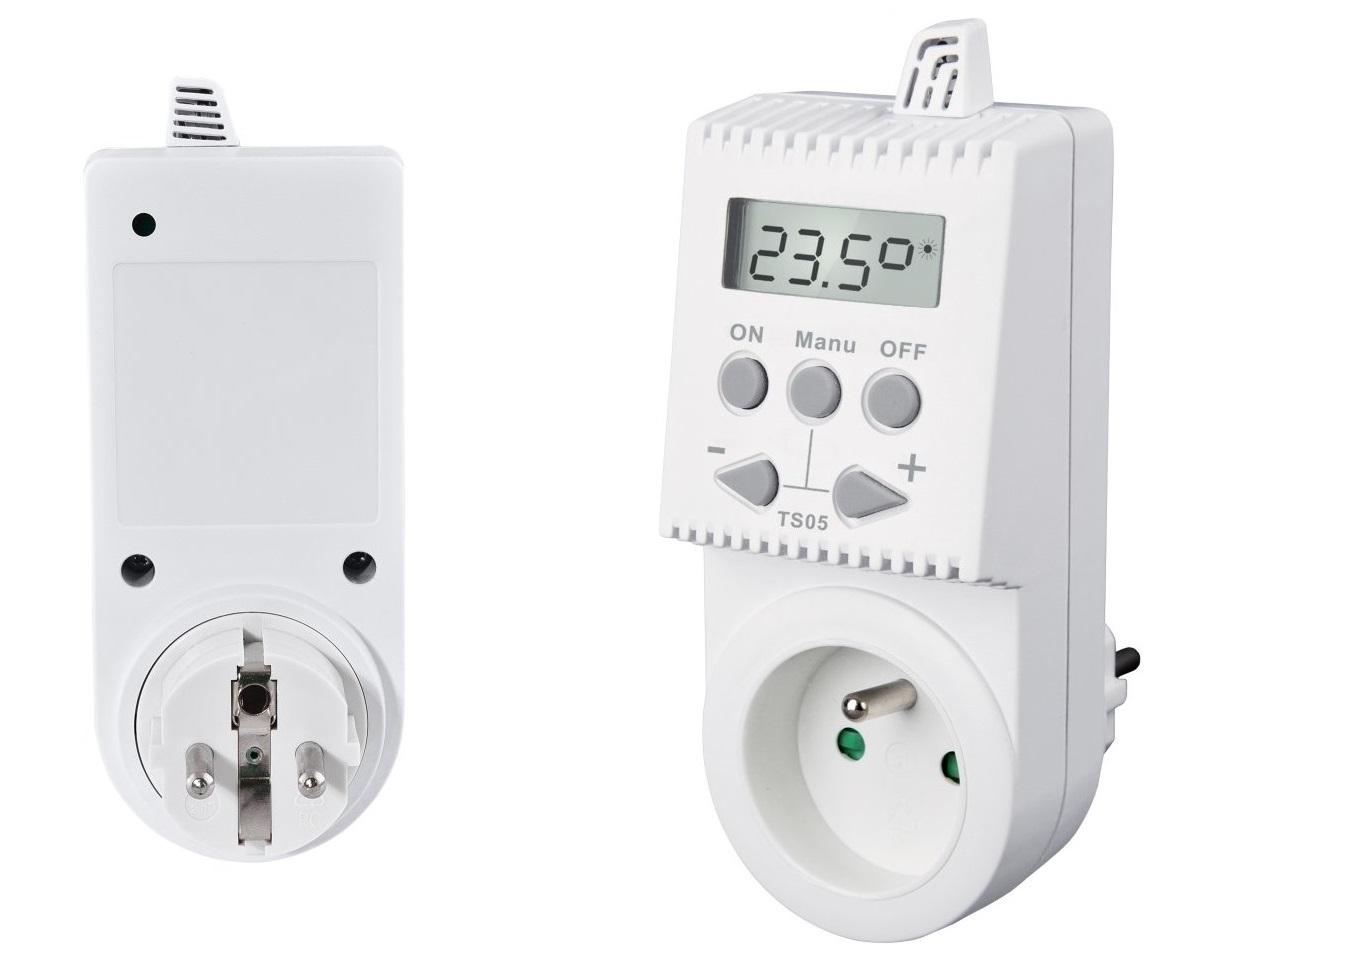 Схема простого терморегулятора для сборки в домашних условиях